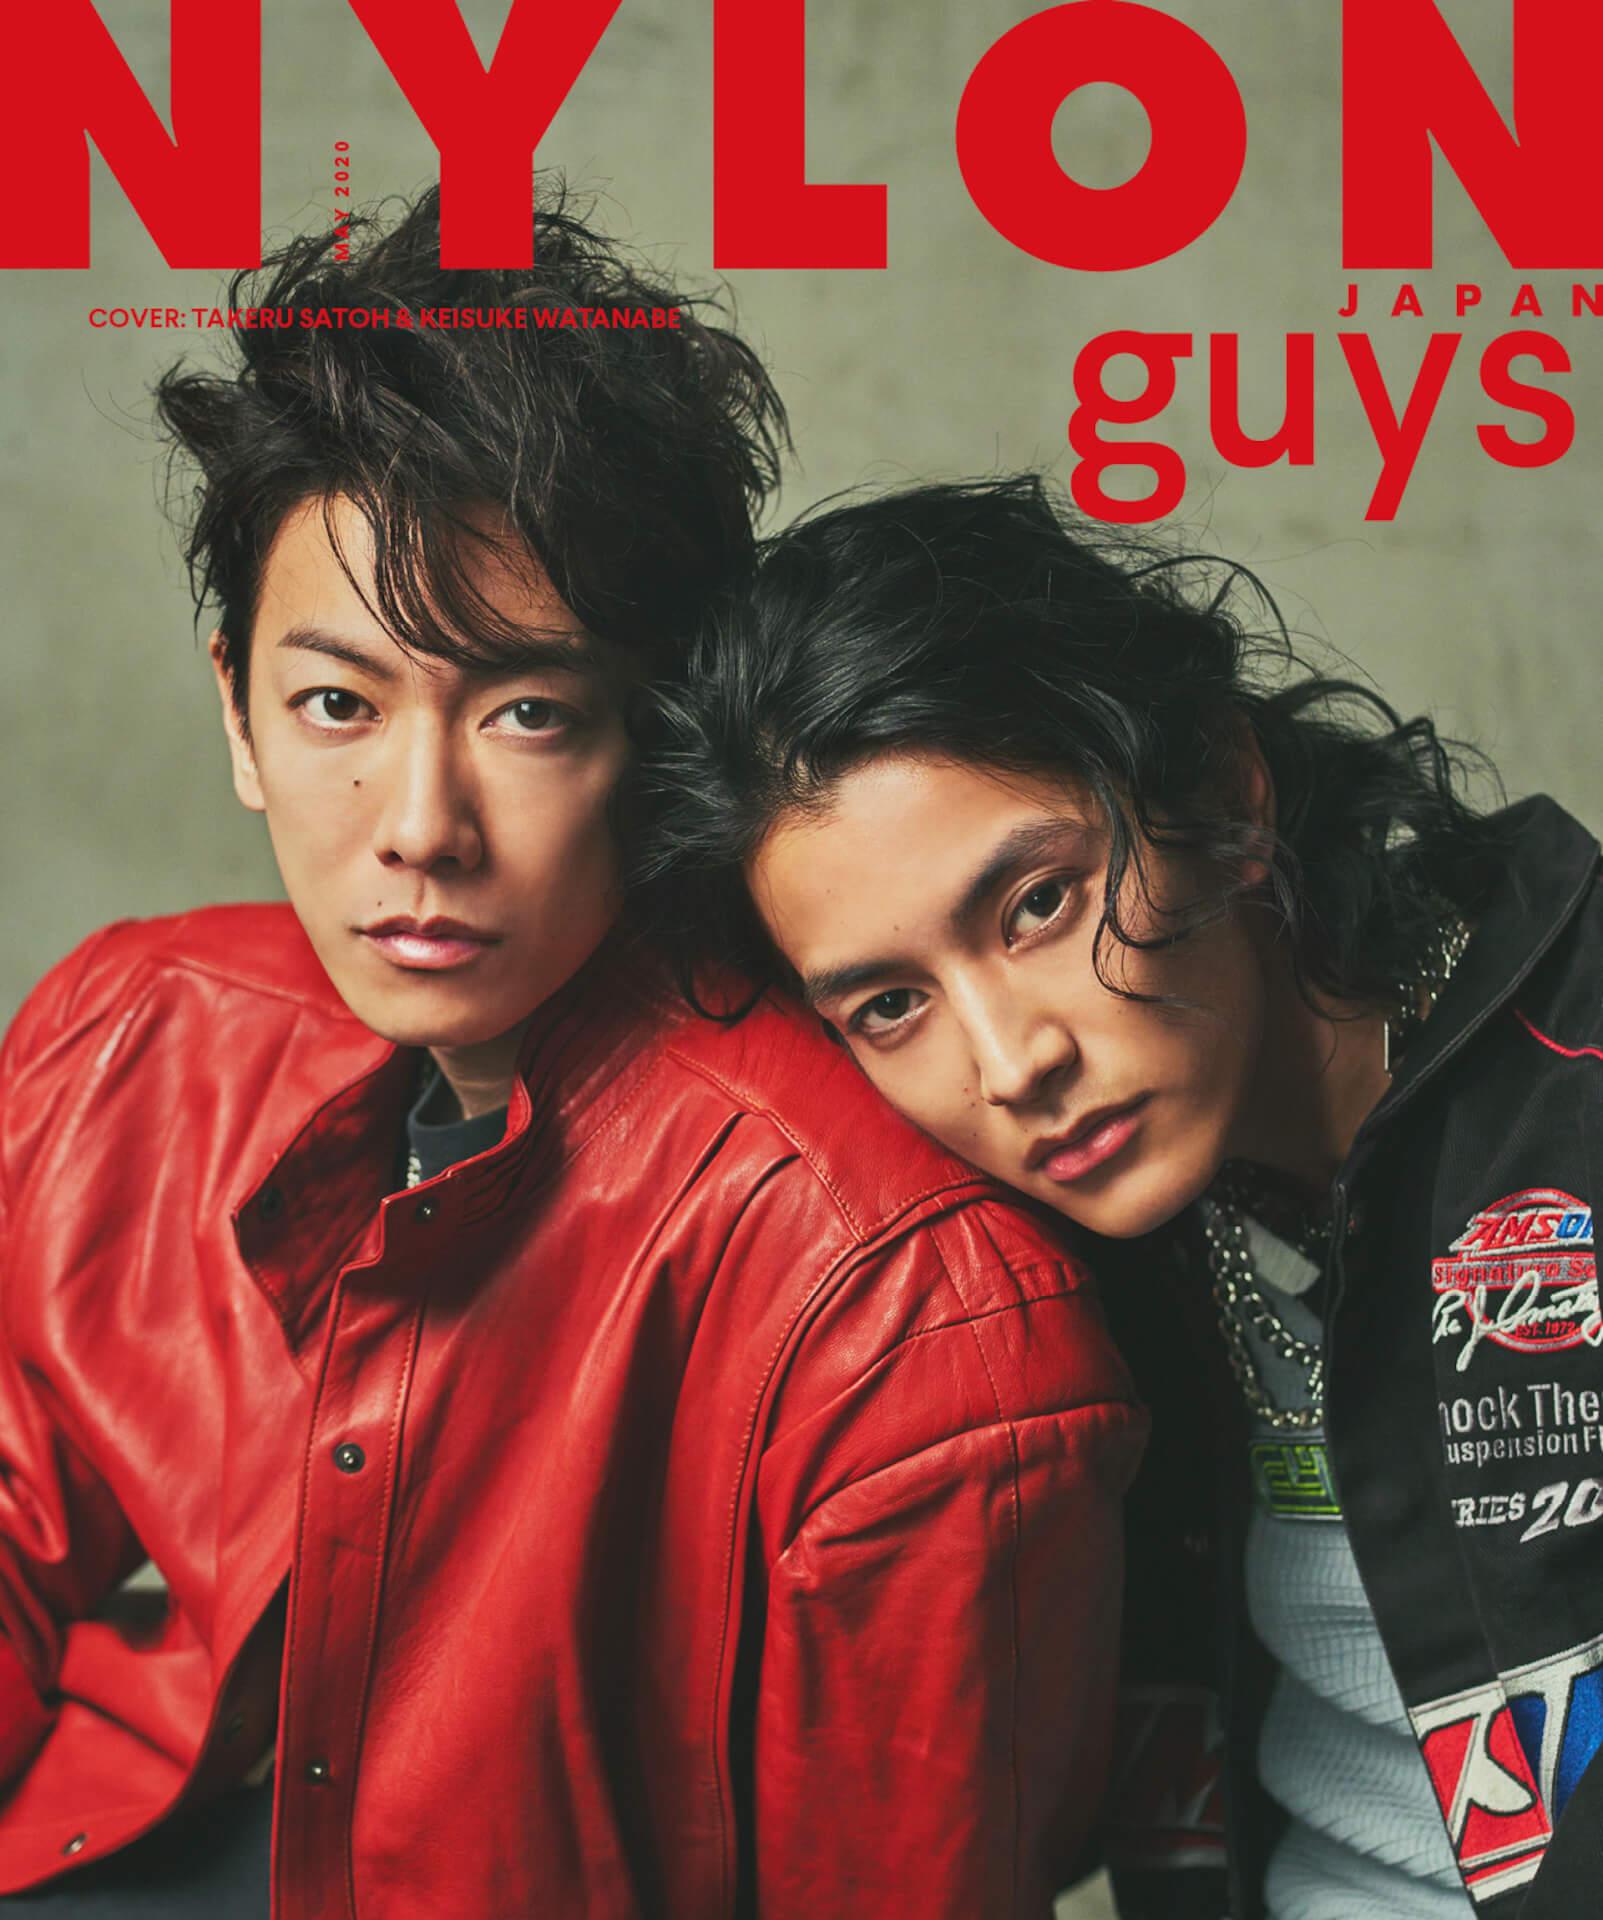 池⽥エライザが『NYLON JAPAN』最新号で大胆不敵なオレンジのおかっぱを披露!『NYLON guys』では佐藤健と渡邊圭祐のミニフォトカードも art200316_elaiza_nylon_1